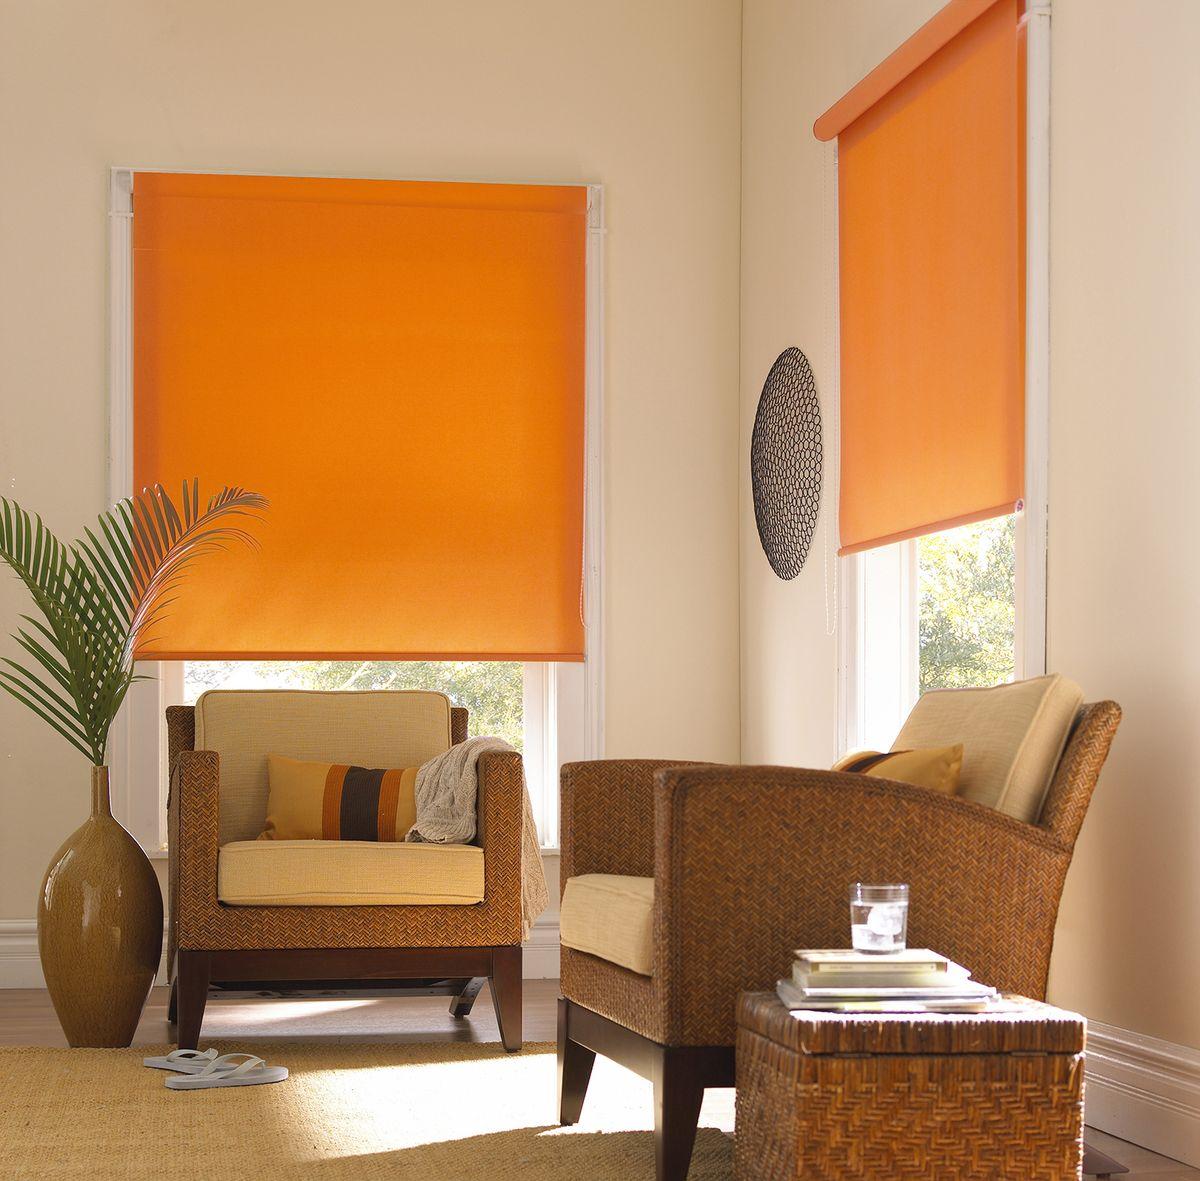 Штора рулонная Эскар Миниролло, цвет: апельсин, ширина 68 см, высота 170 см62.РШТО.8975.120х175Рулонная штора Эскар Миниролло выполнена из высокопрочной ткани, которая сохраняет свой размер даже при намокании. Ткань не выцветает и обладает отличной цветоустойчивостью.Миниролло - это подвид рулонных штор, который закрывает не весь оконный проем, а непосредственно само стекло. Такие шторы крепятся на раму без сверления при помощи зажимов или клейкой двухсторонней ленты (в комплекте). Окно остается на гарантии, благодаря монтажу без сверления. Такая штора станет прекрасным элементом декора окна и гармонично впишется в интерьер любого помещения.